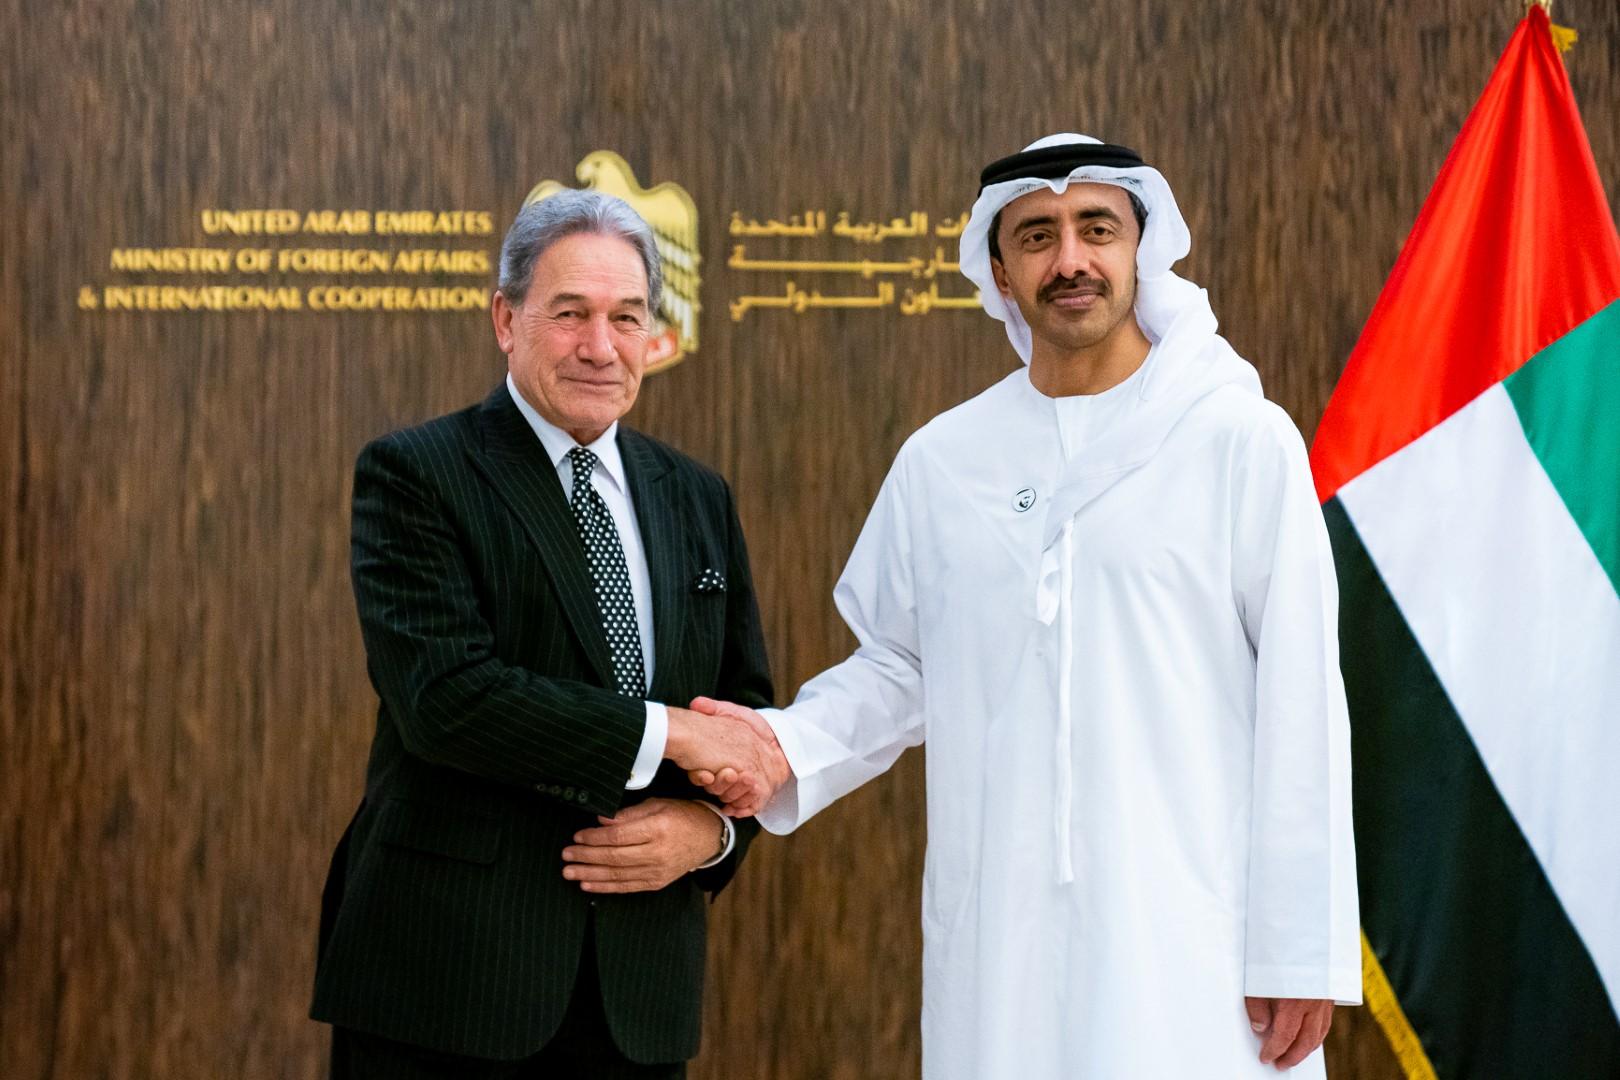 عبدالله بن زايد يستقبل نائب رئيس الوزراء وزير خارجية نيوزيلندا